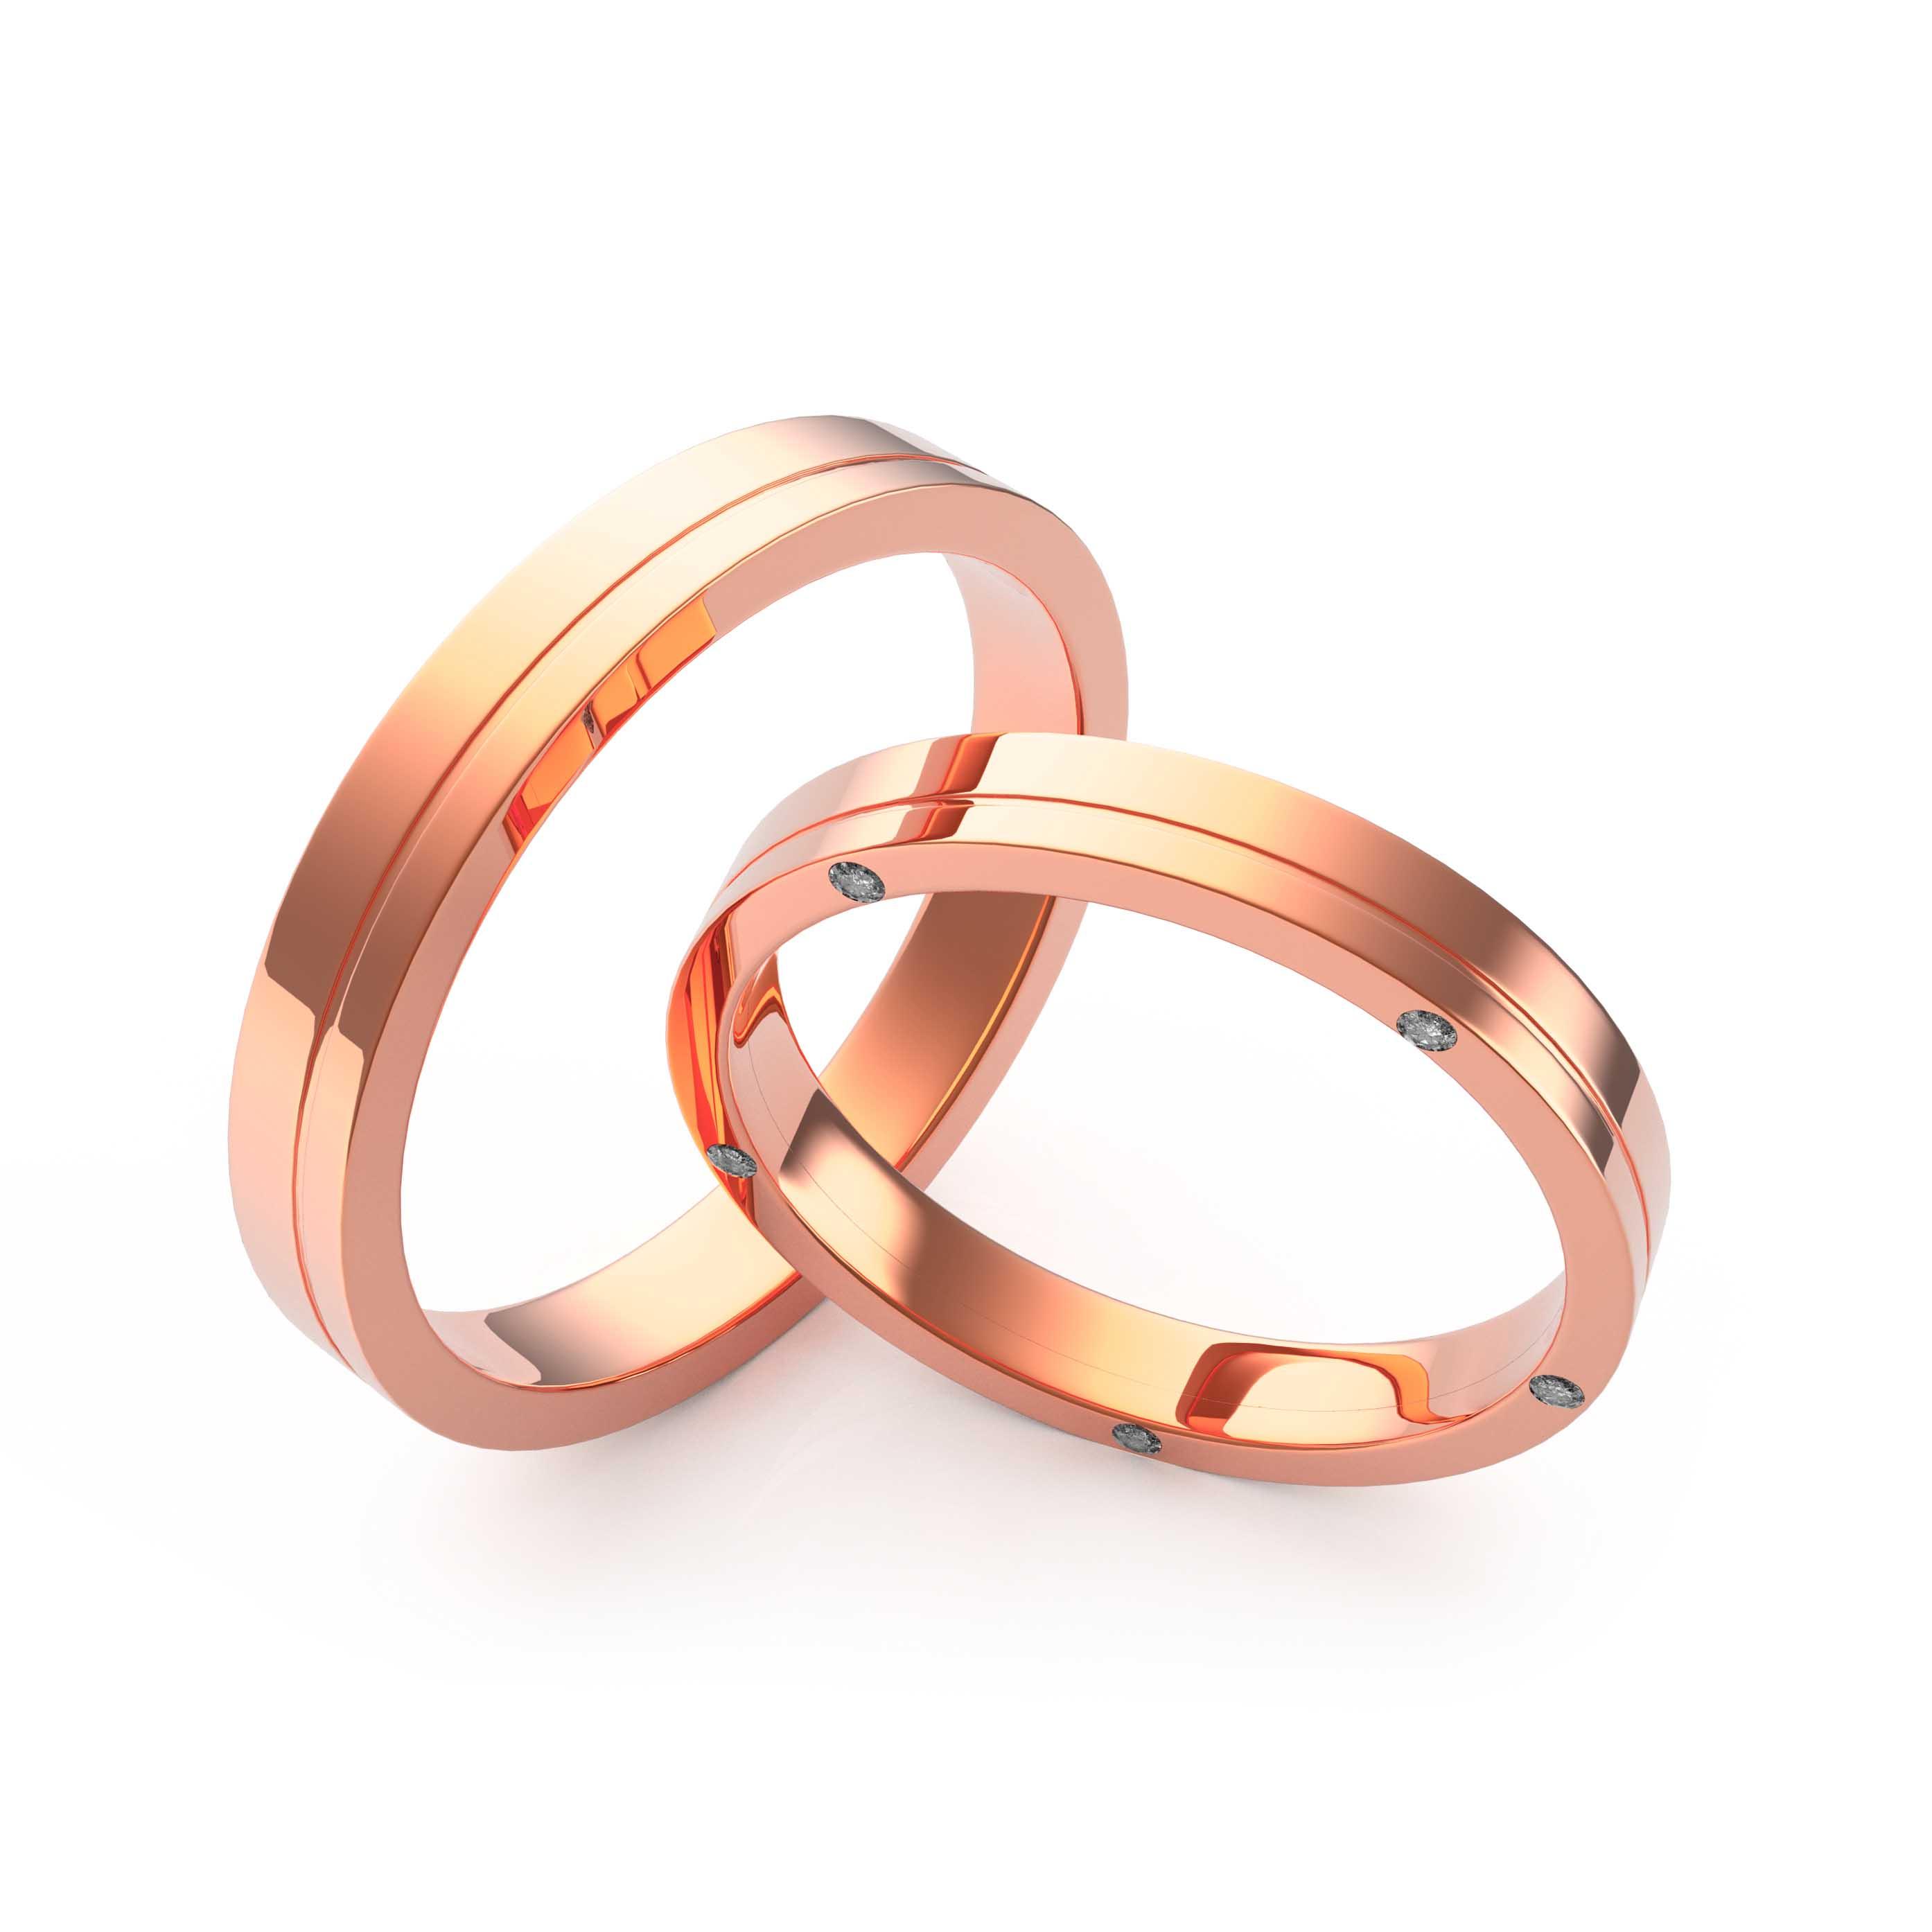 Rings Set Rose Gold - 3D Model